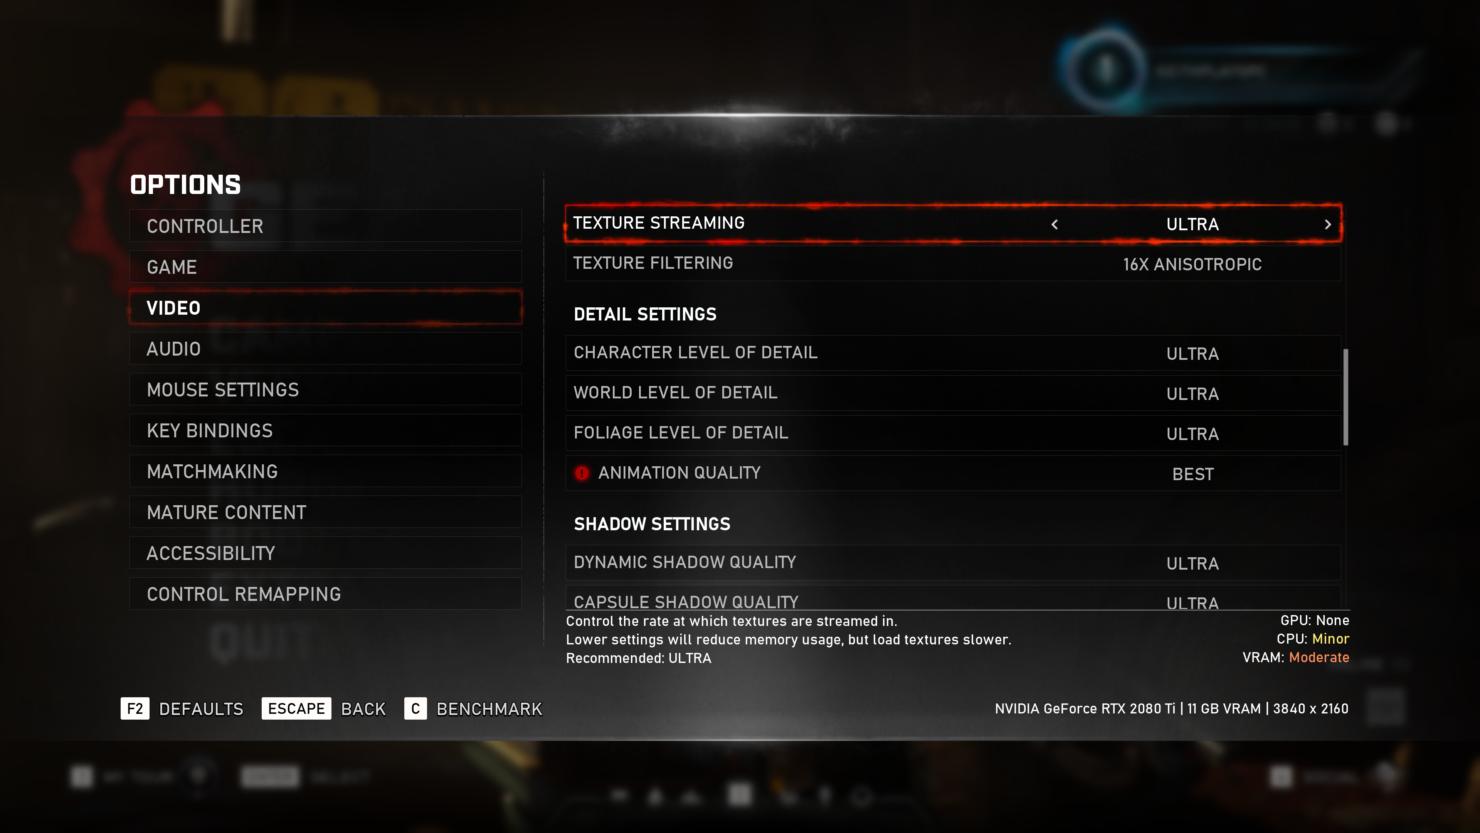 gears-of-war-5-screenshot-2019-09-07-11-31-52-03